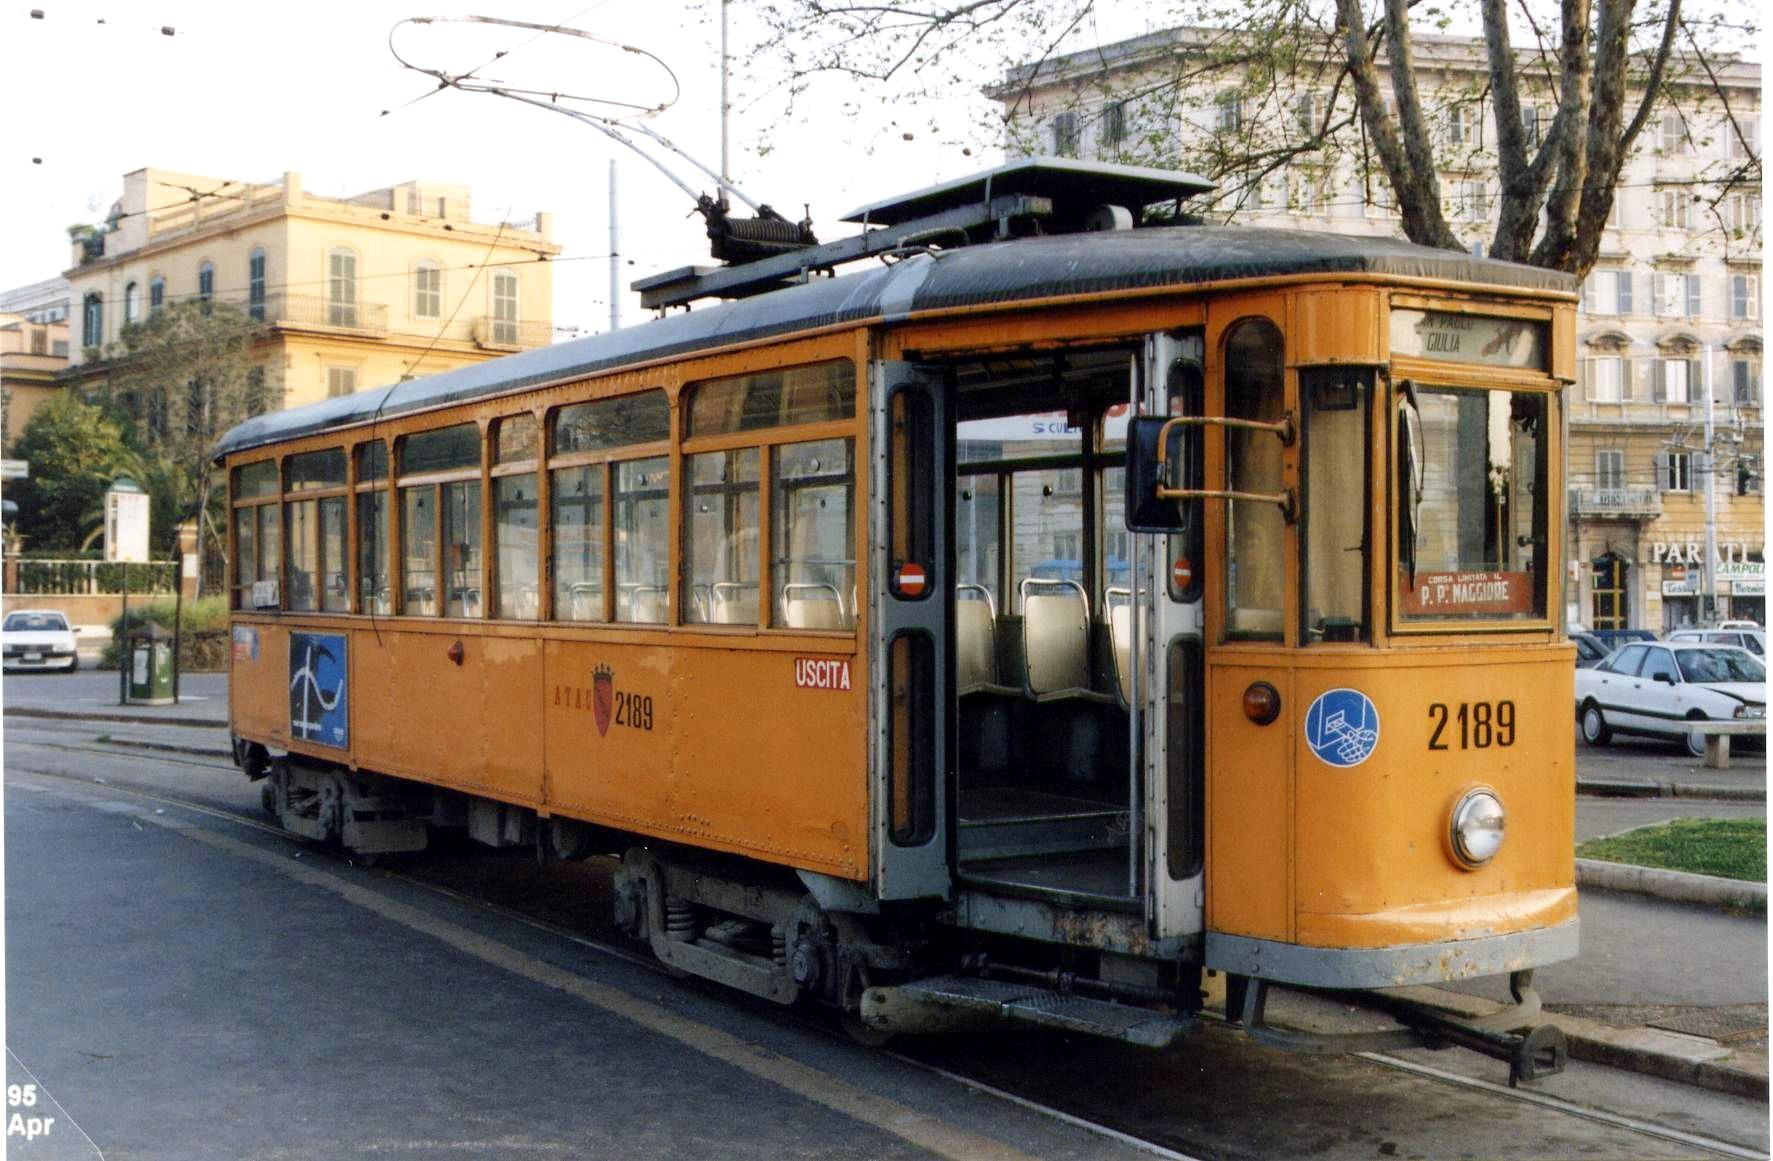 File:1619-Tram MRS 2189.jpg